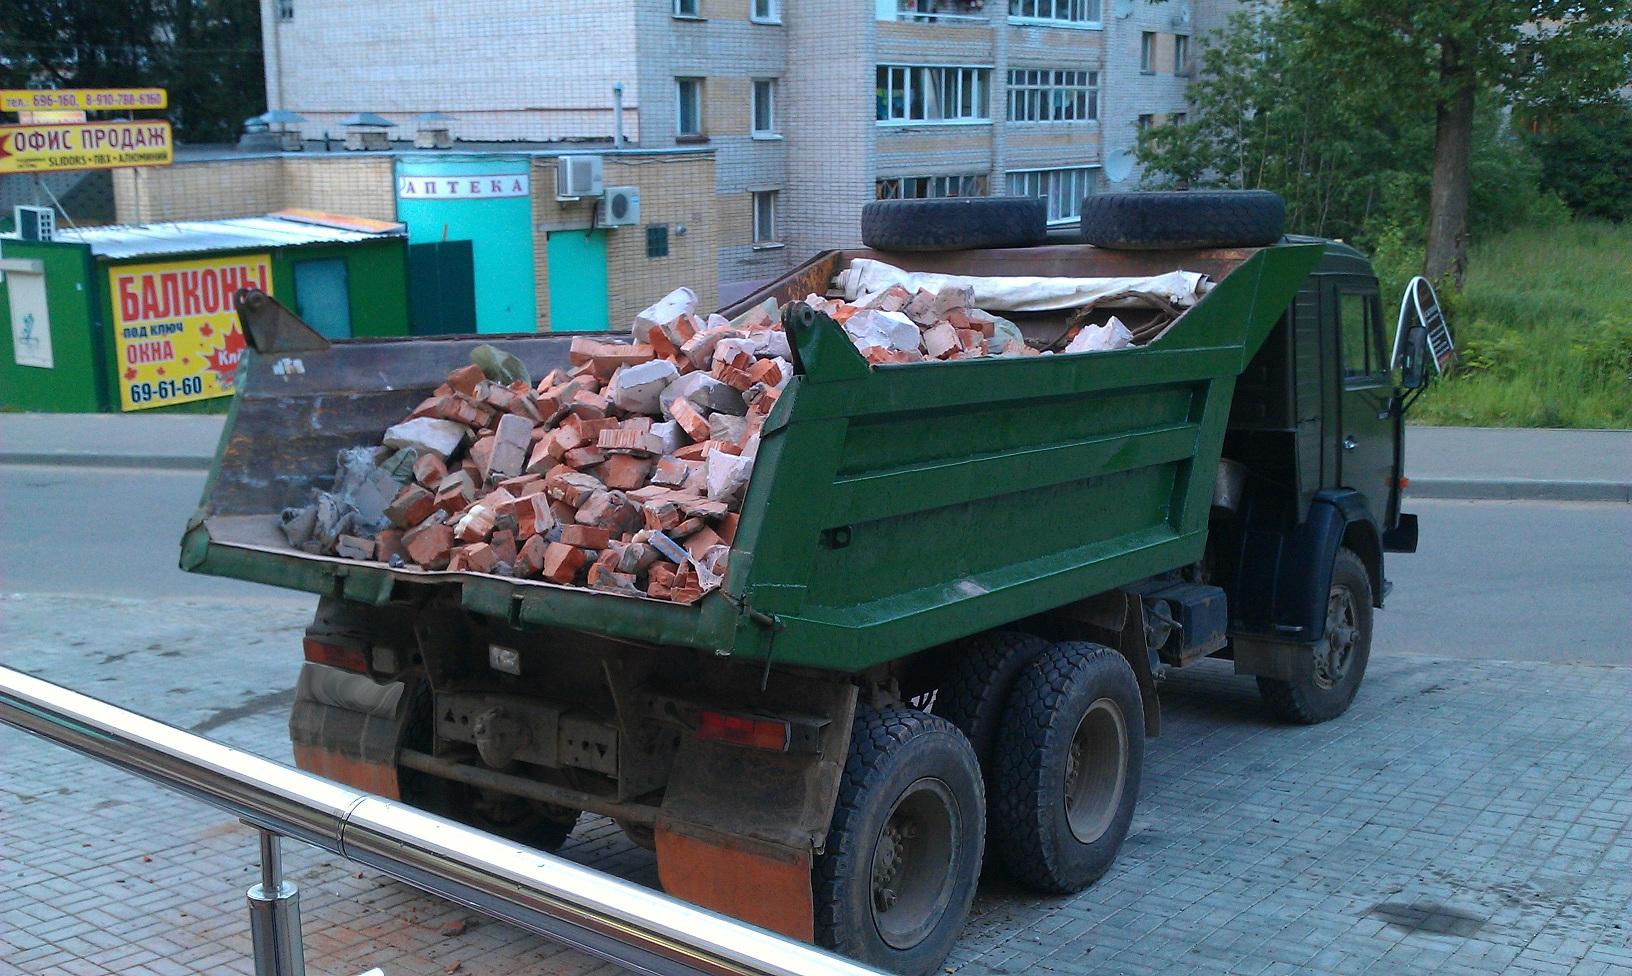 Предложение: Вывоз мусора. Вывоз старой мебели, хлама